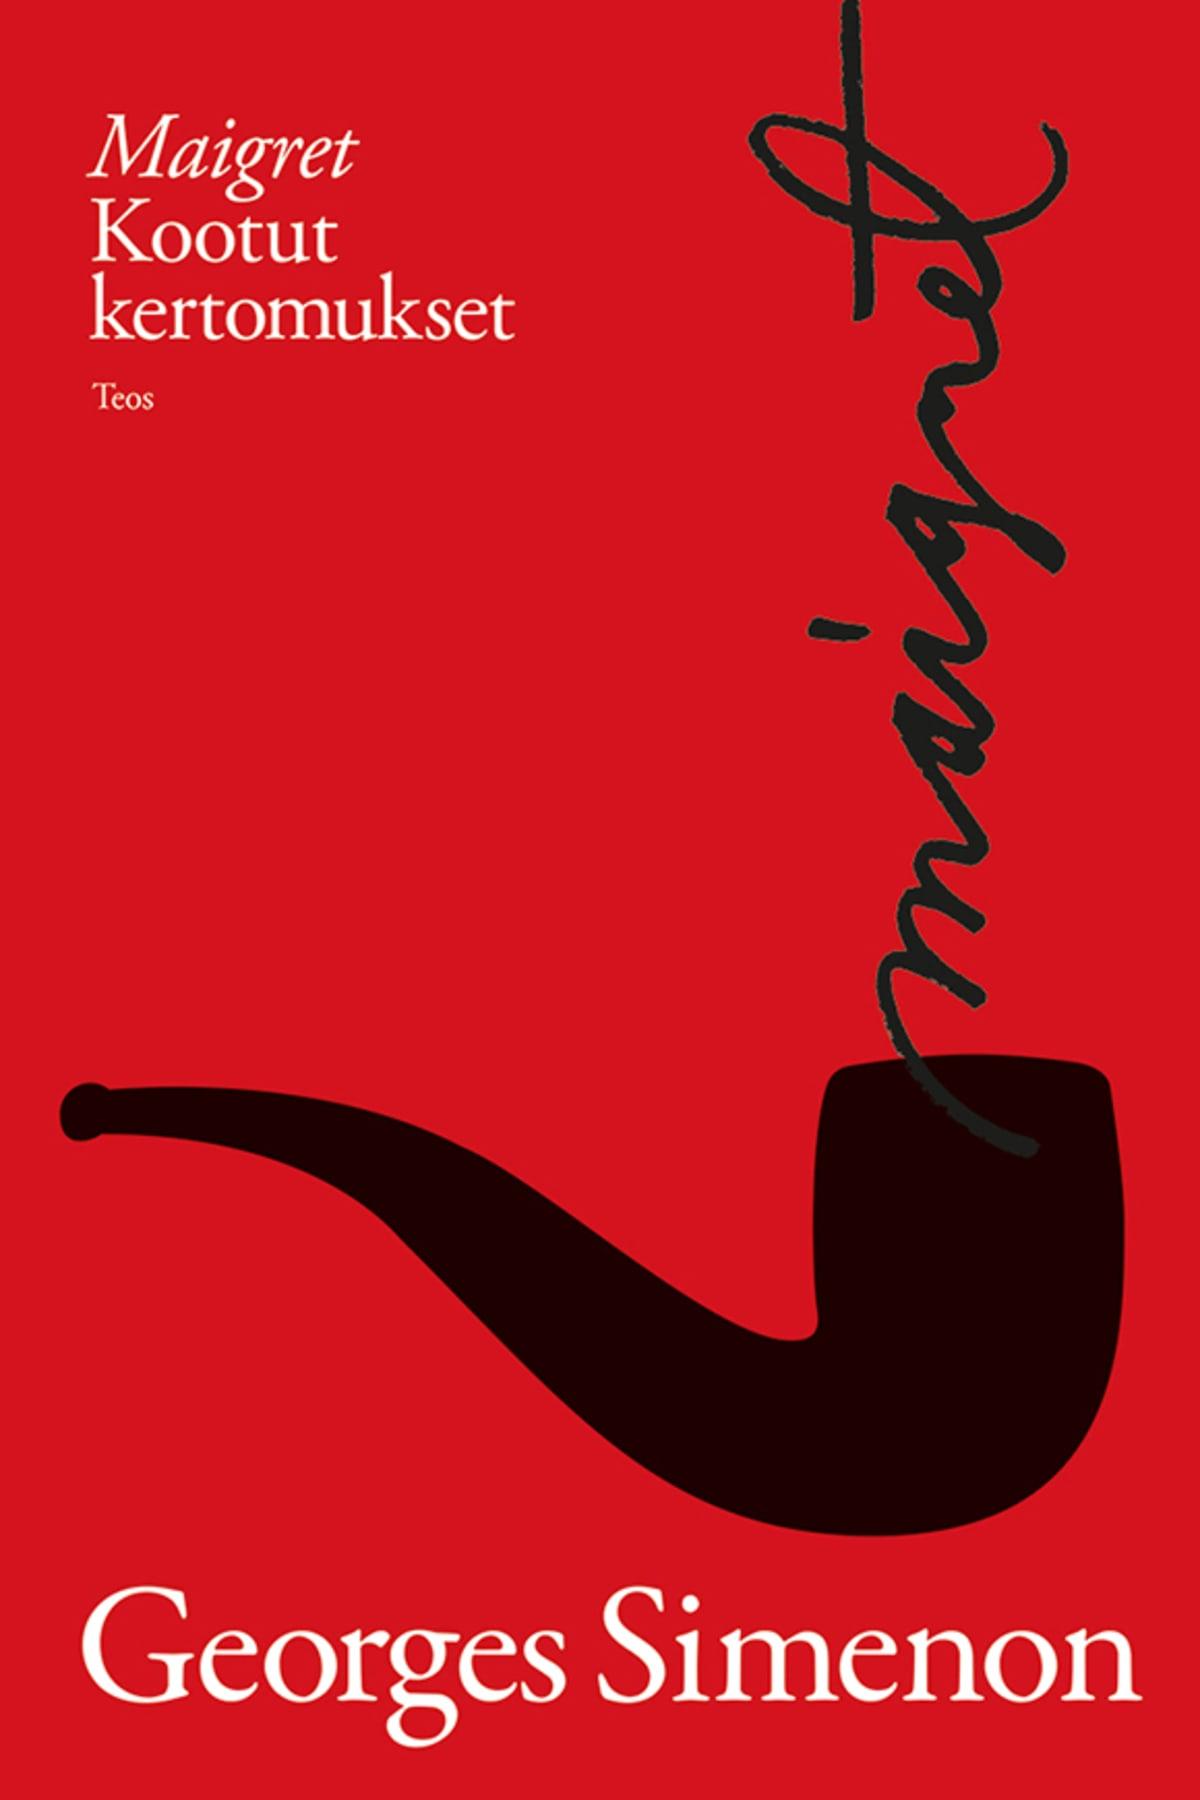 Georges Simenon: Maigret - Kootut kertomukset -kirjan kansi